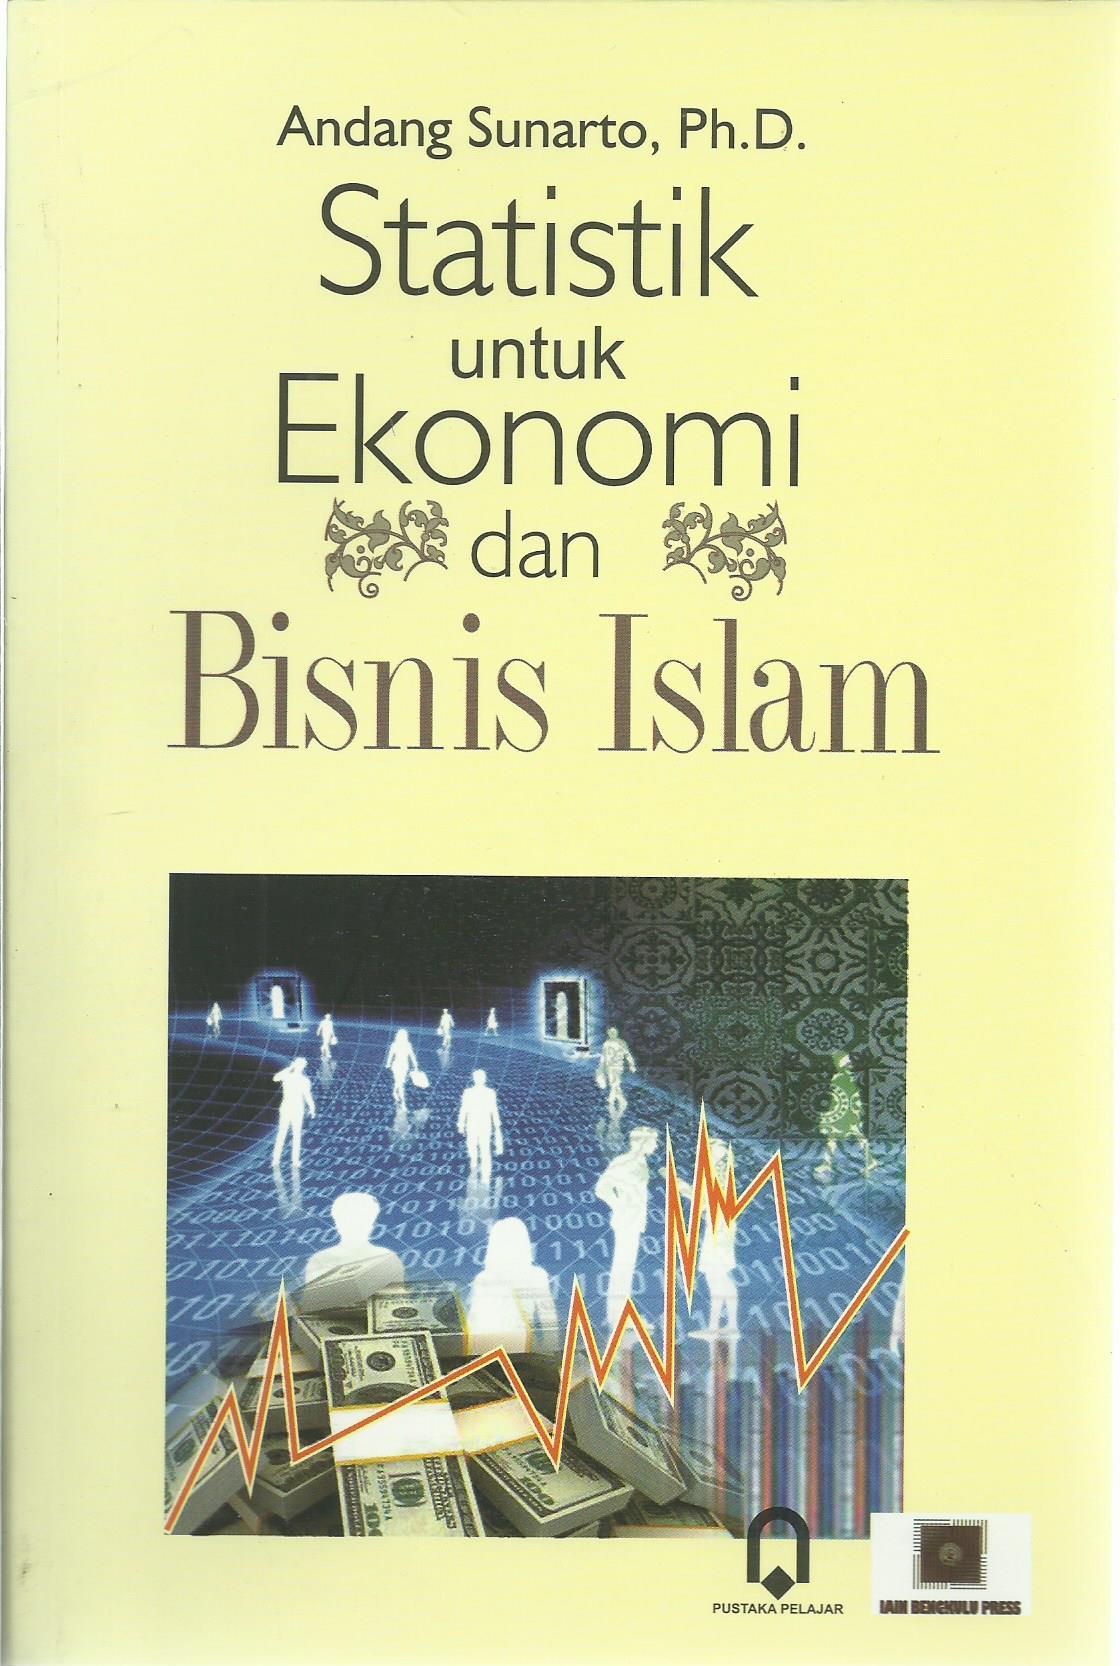 Statistik untuk Ekonomi dan Bisnis Islam